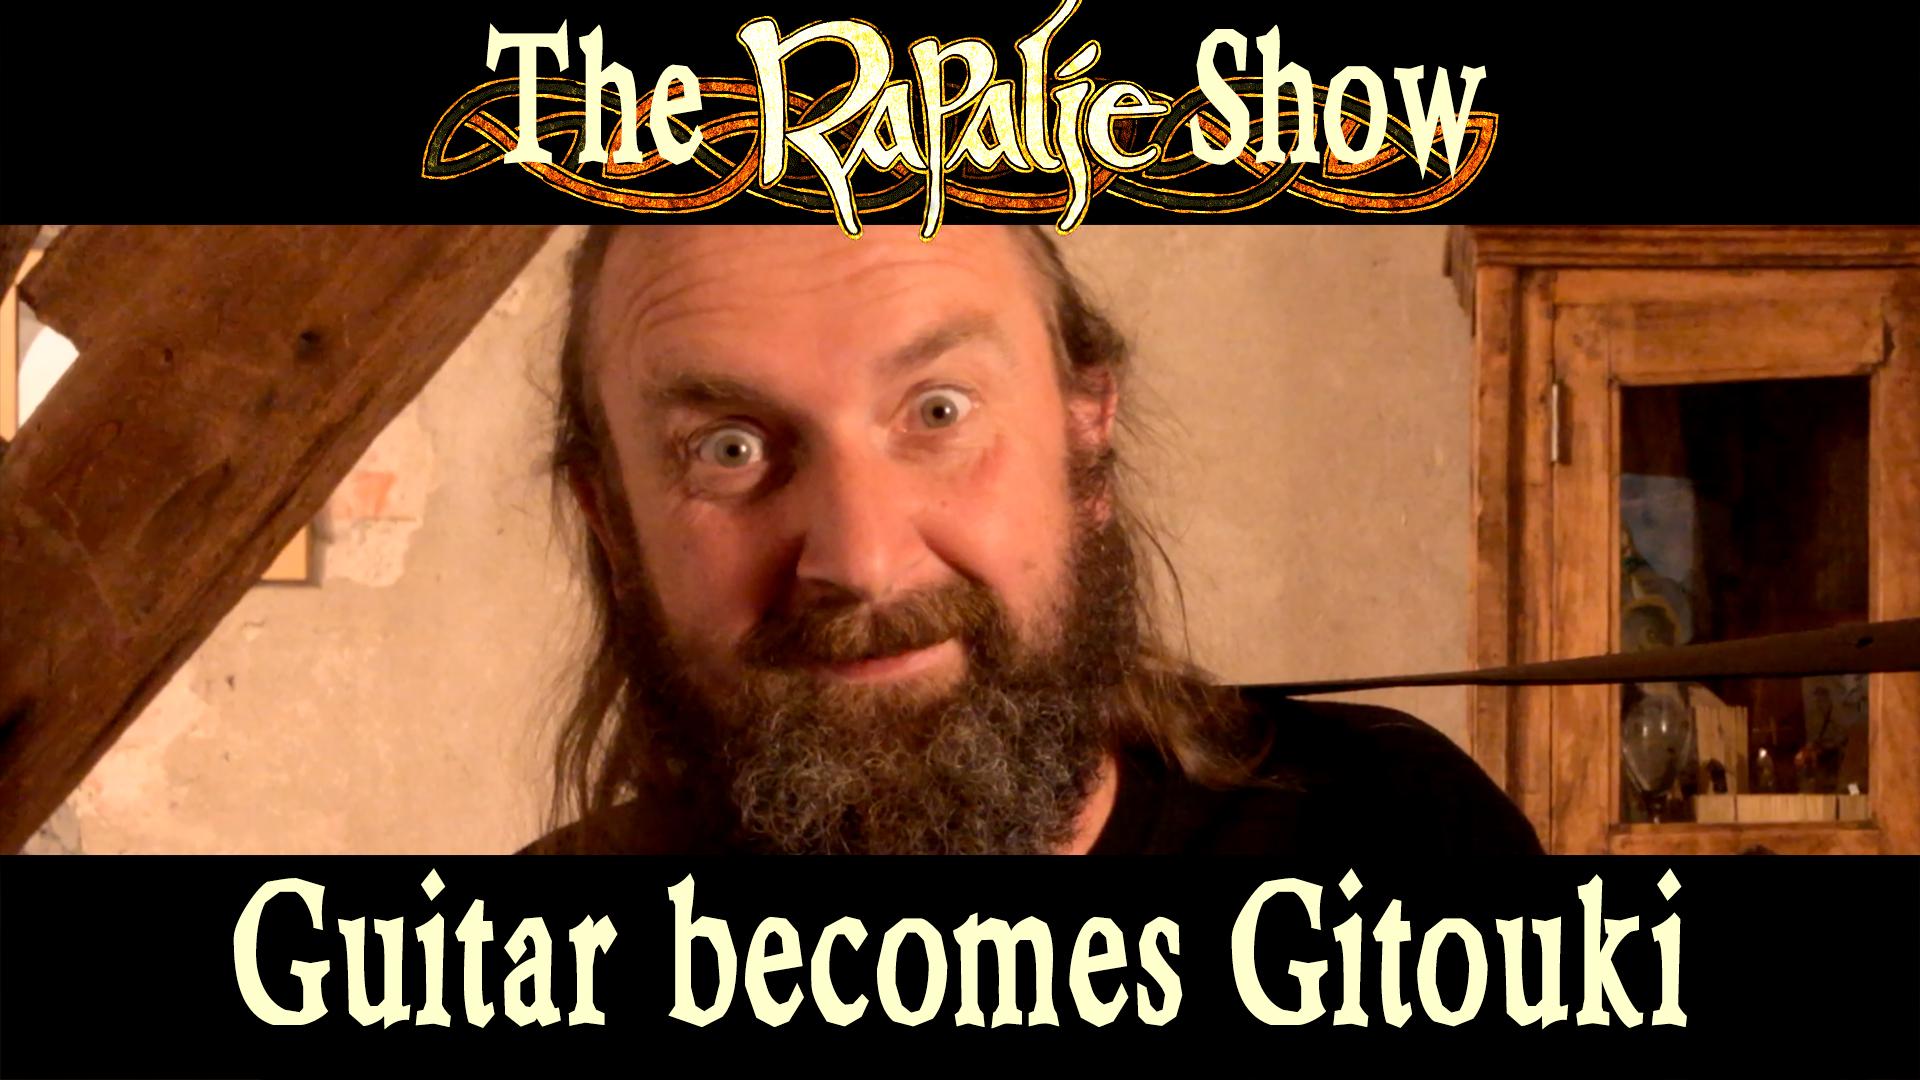 William-shows-how-a-guitar-becomes-a-gitouki---Rapalje-show-15